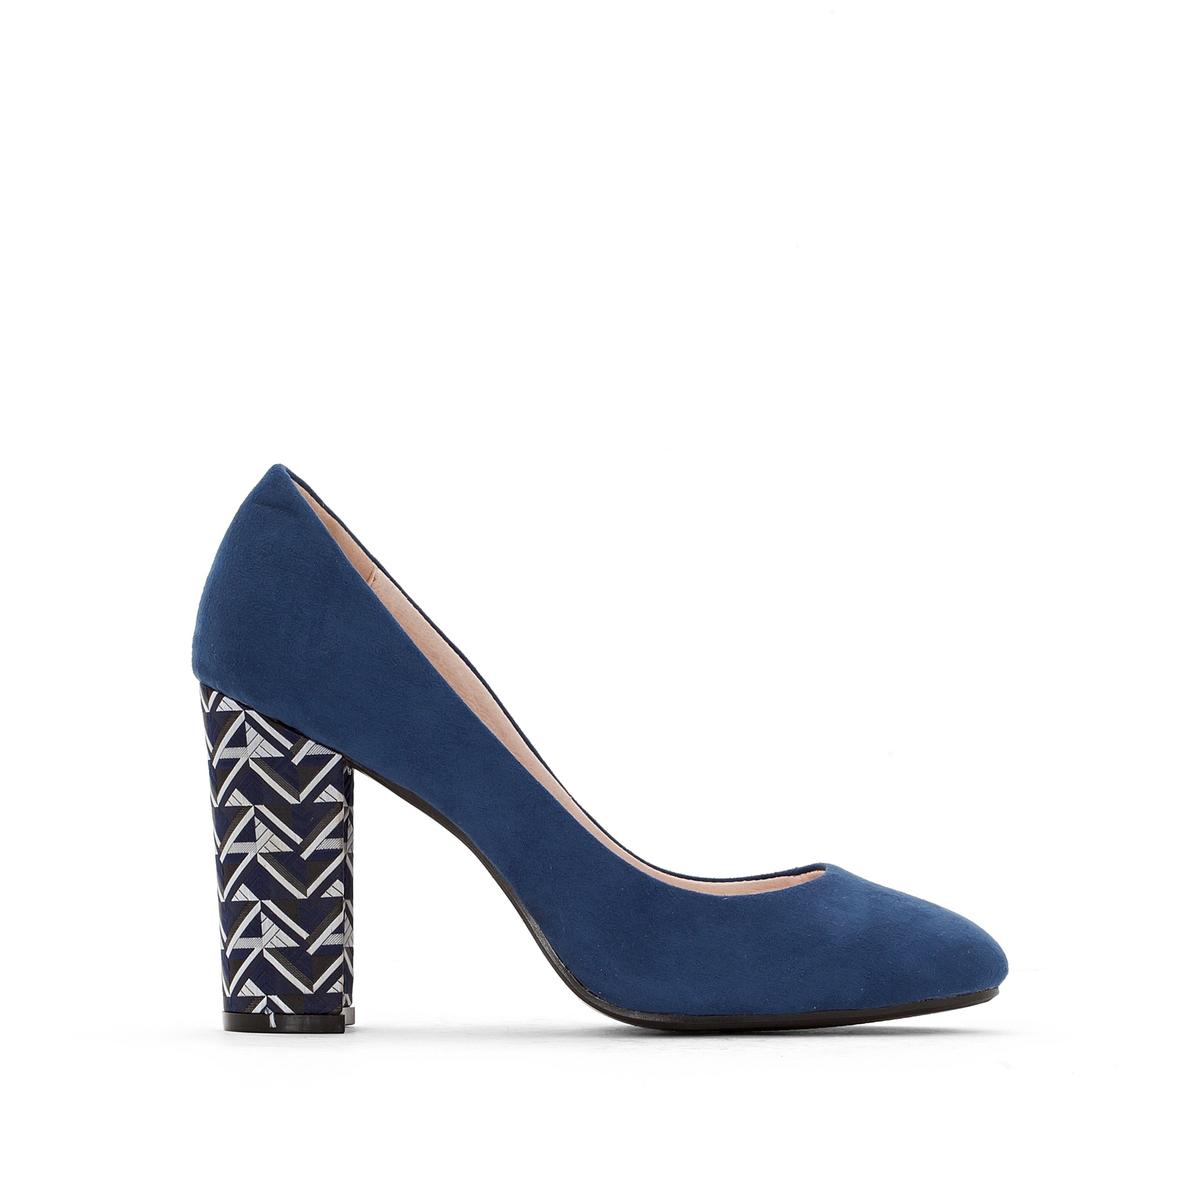 Sapatos, tacão fantasia, pés largo, do 38 ao 45